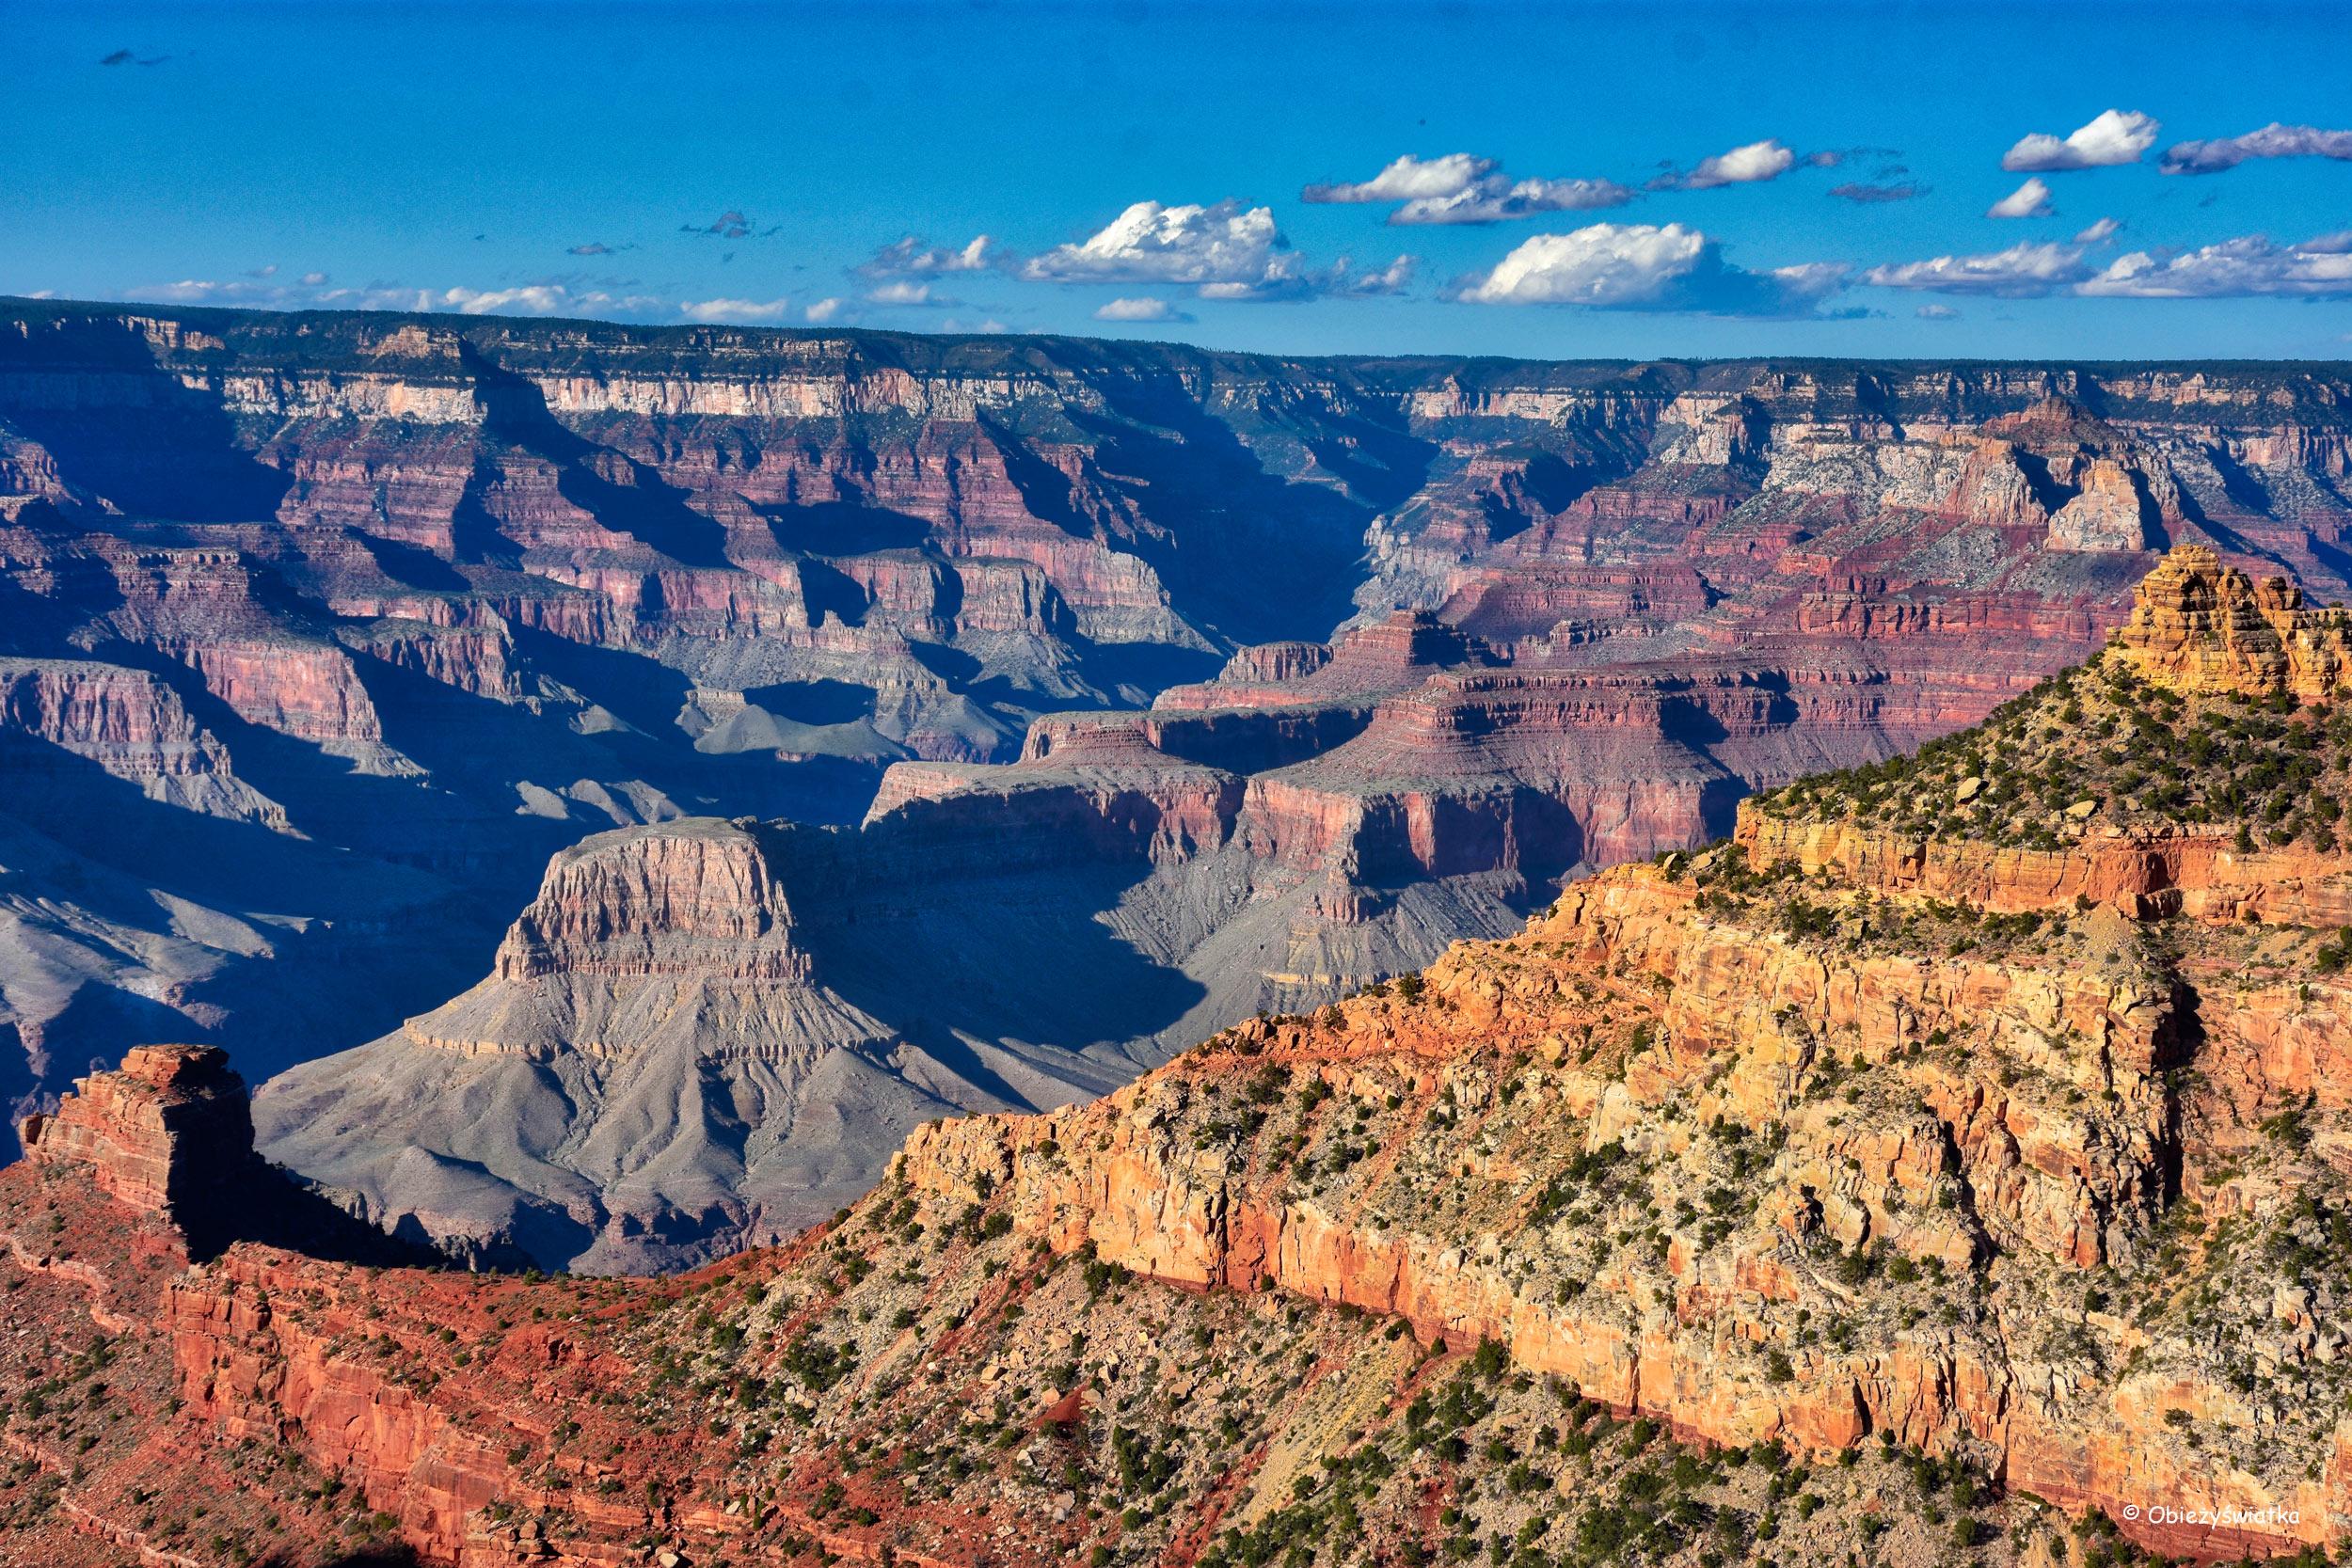 W promieniach zachodzącego słońca - Grand Canyon National Park, Arizona, USA